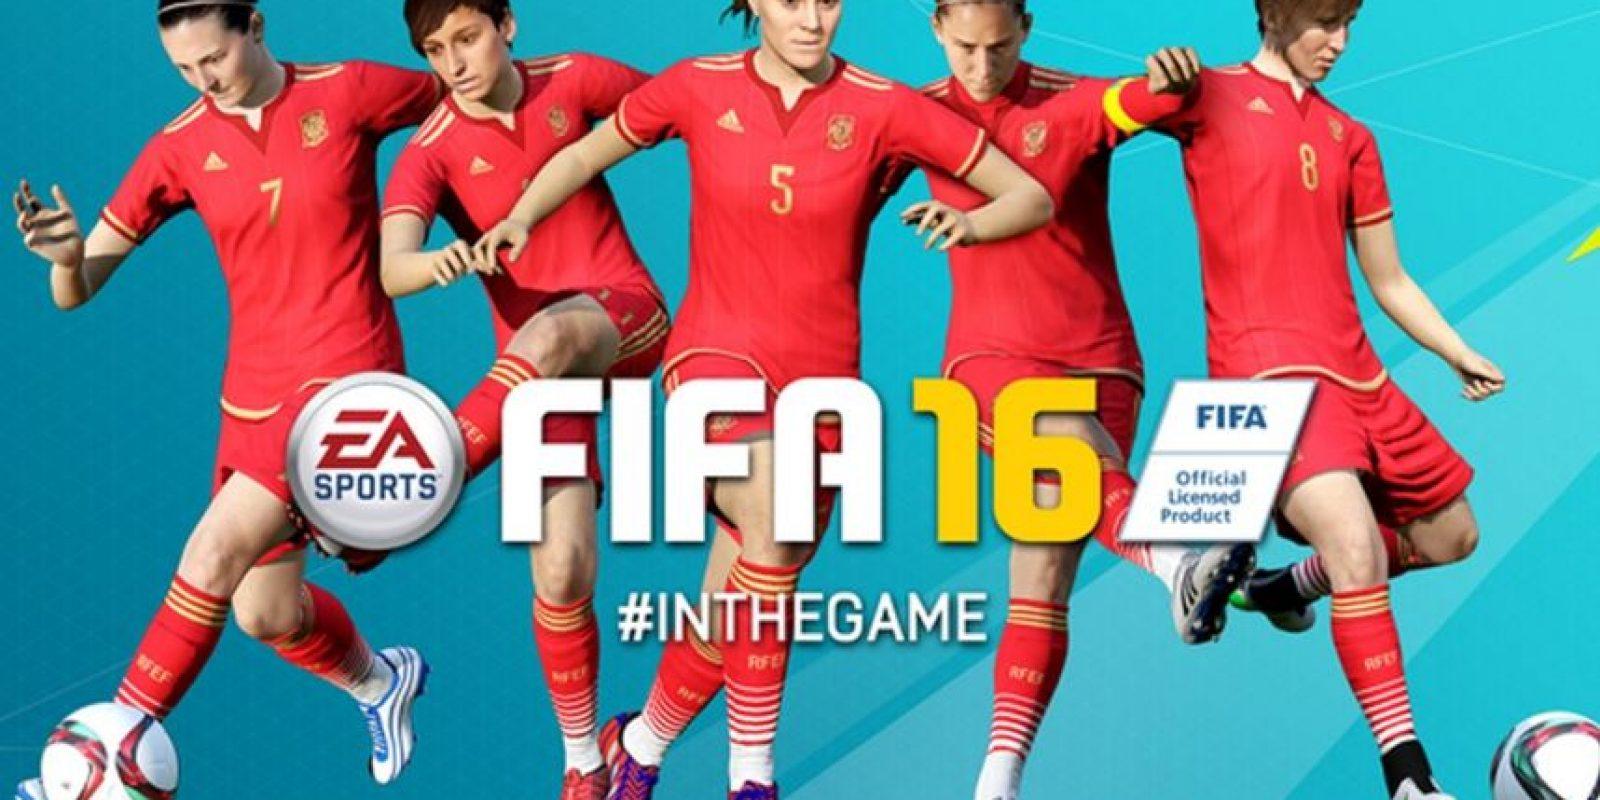 Por primera vez en su historia, FIFA 16 permite jugar con Selecciones femeninas, aunque no hay modalidad de hombres contra mujeres. Foto:EA Sports